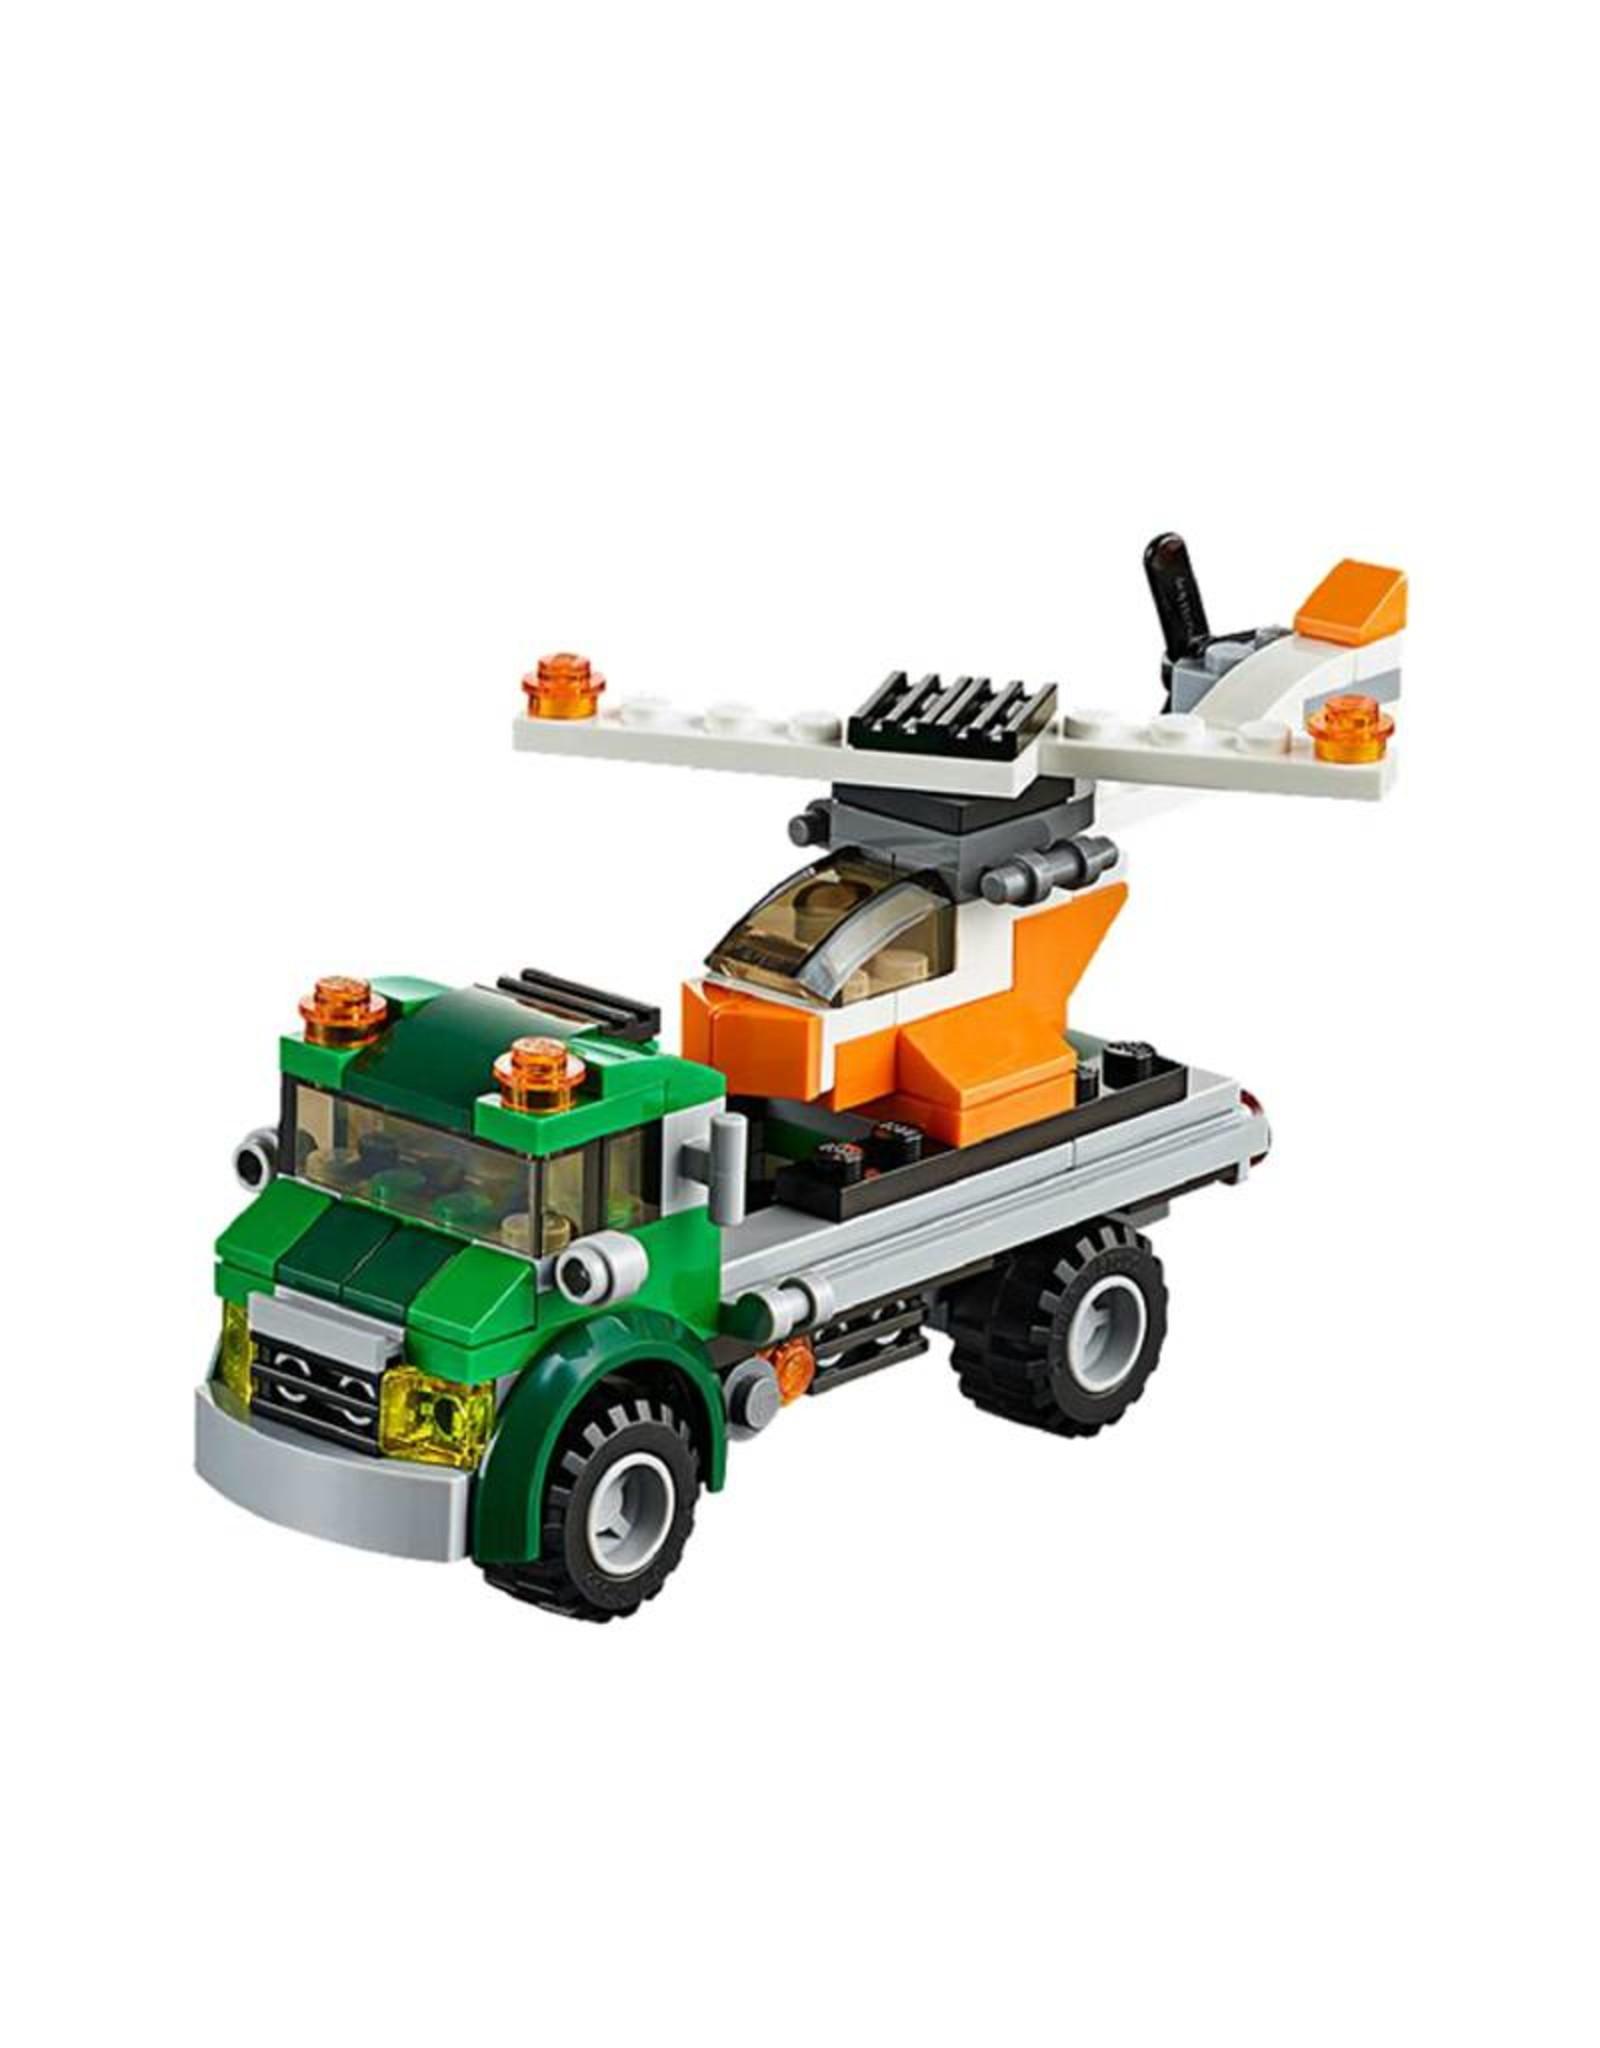 LEGO LEGO 31043 Chopper Transporter CREATOR